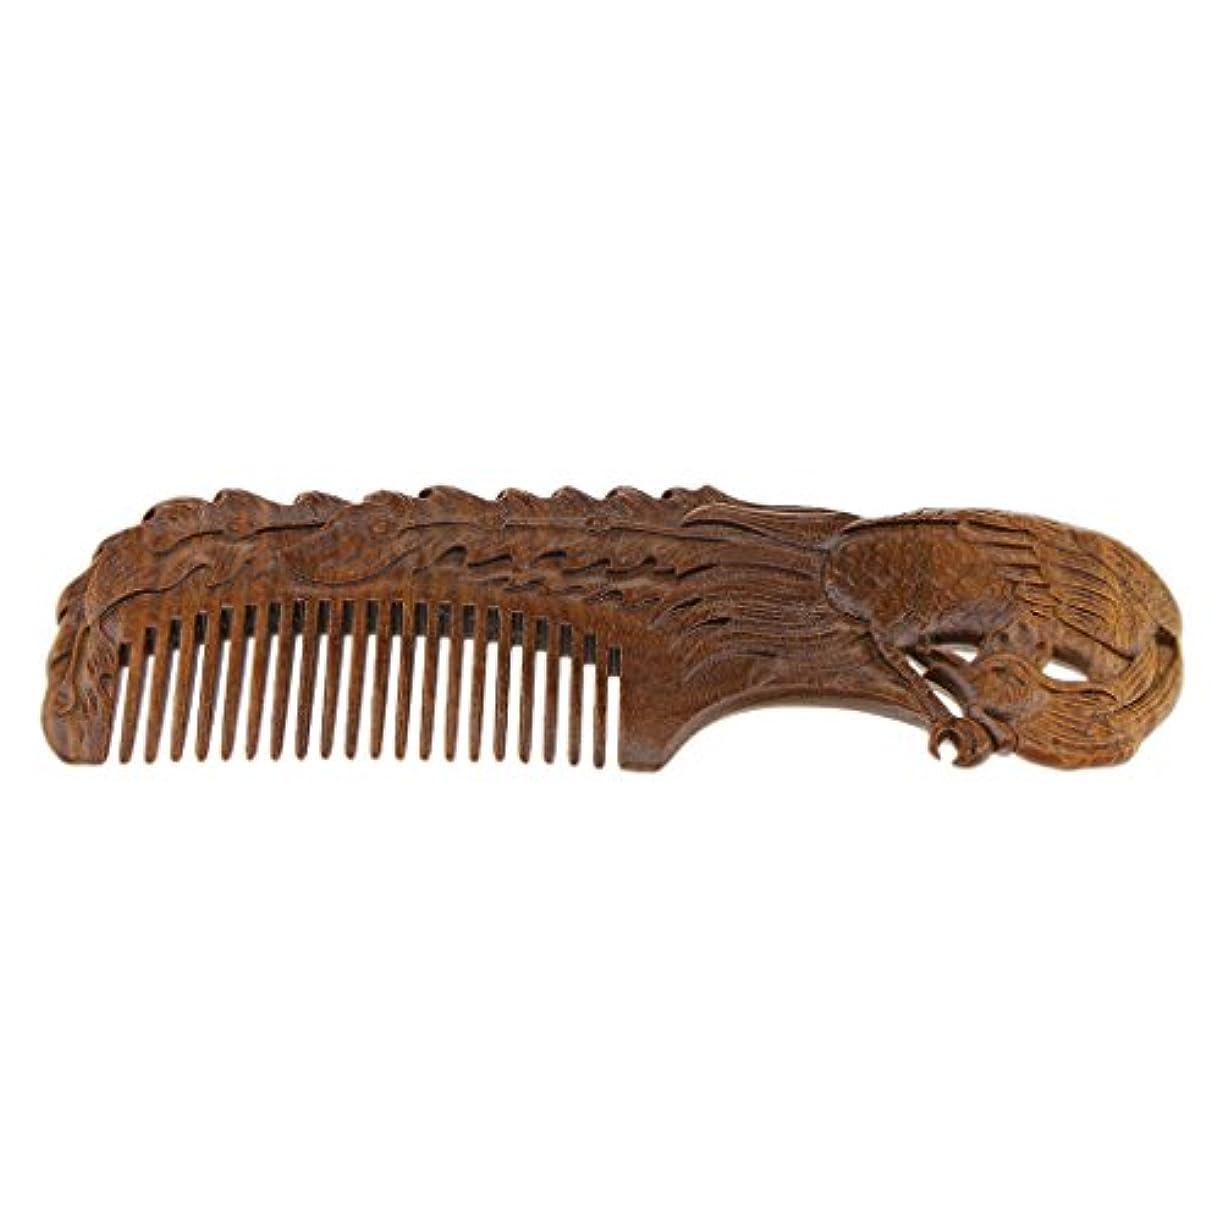 がんばり続けるガイド関係Kesoto ウッドコーム 木製櫛 高品質 ナチュラル ワイド歯 ヘアブラシ ヘアスタイリング デタングリングコーム 2タイプ - Phoenix